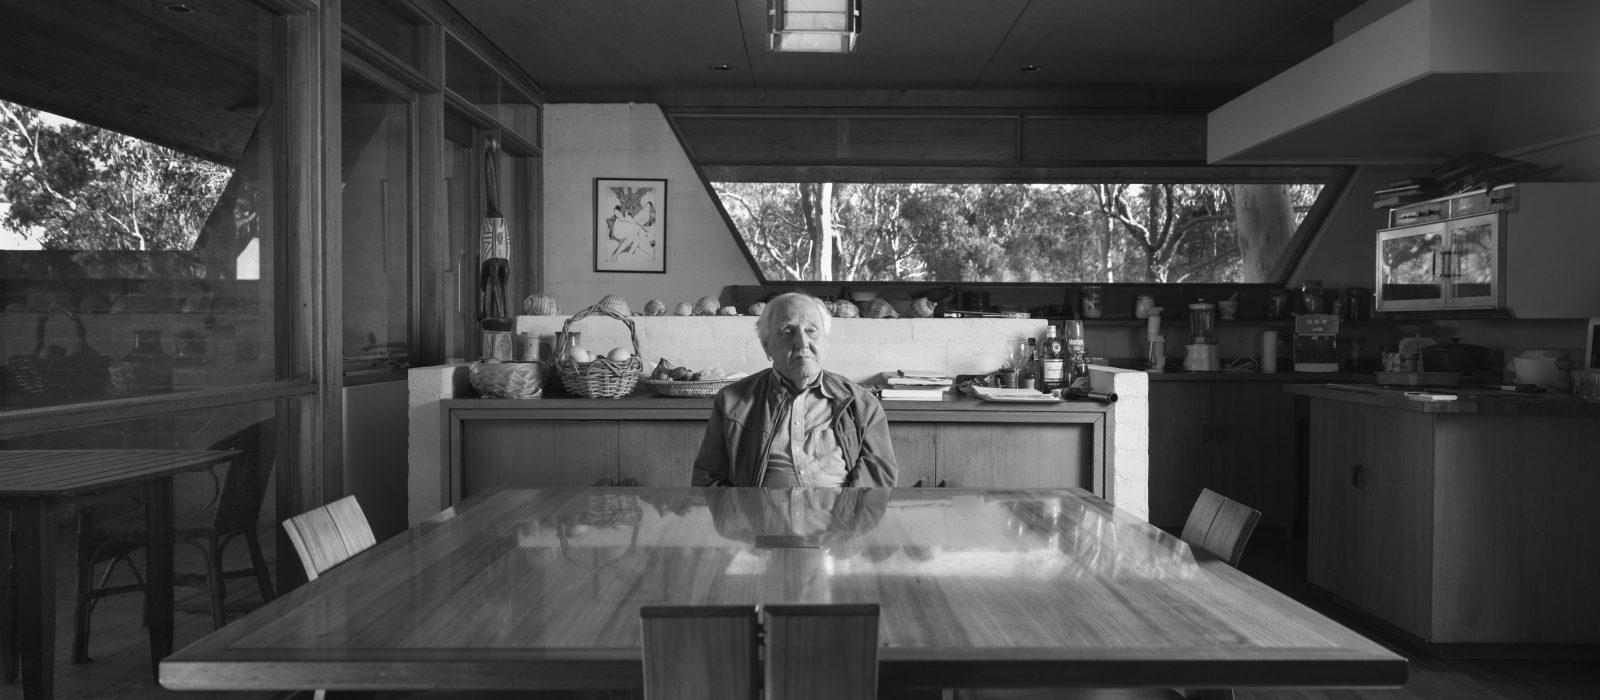 Taglietti People: Mervyn. Photo: Mark Mohell